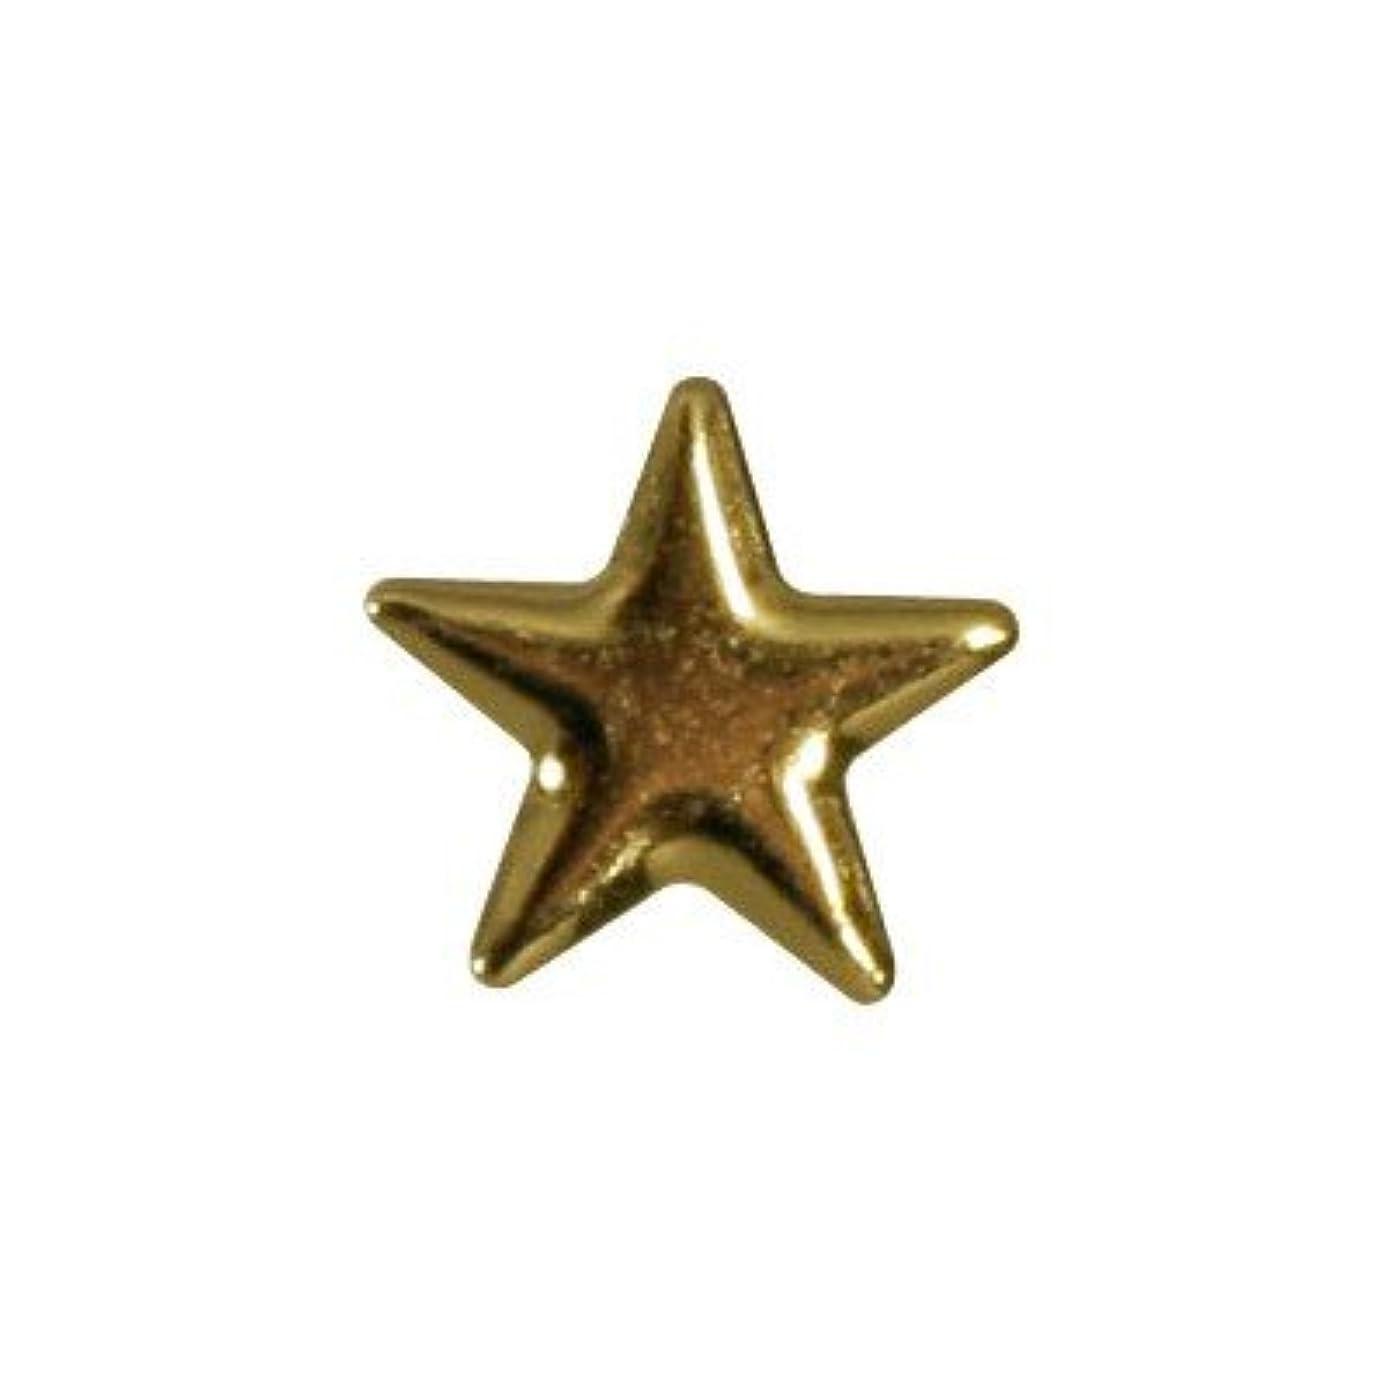 寛解熱心な立ち寄るピアドラ スタッズ メタルスター 5mm 30P ゴールド